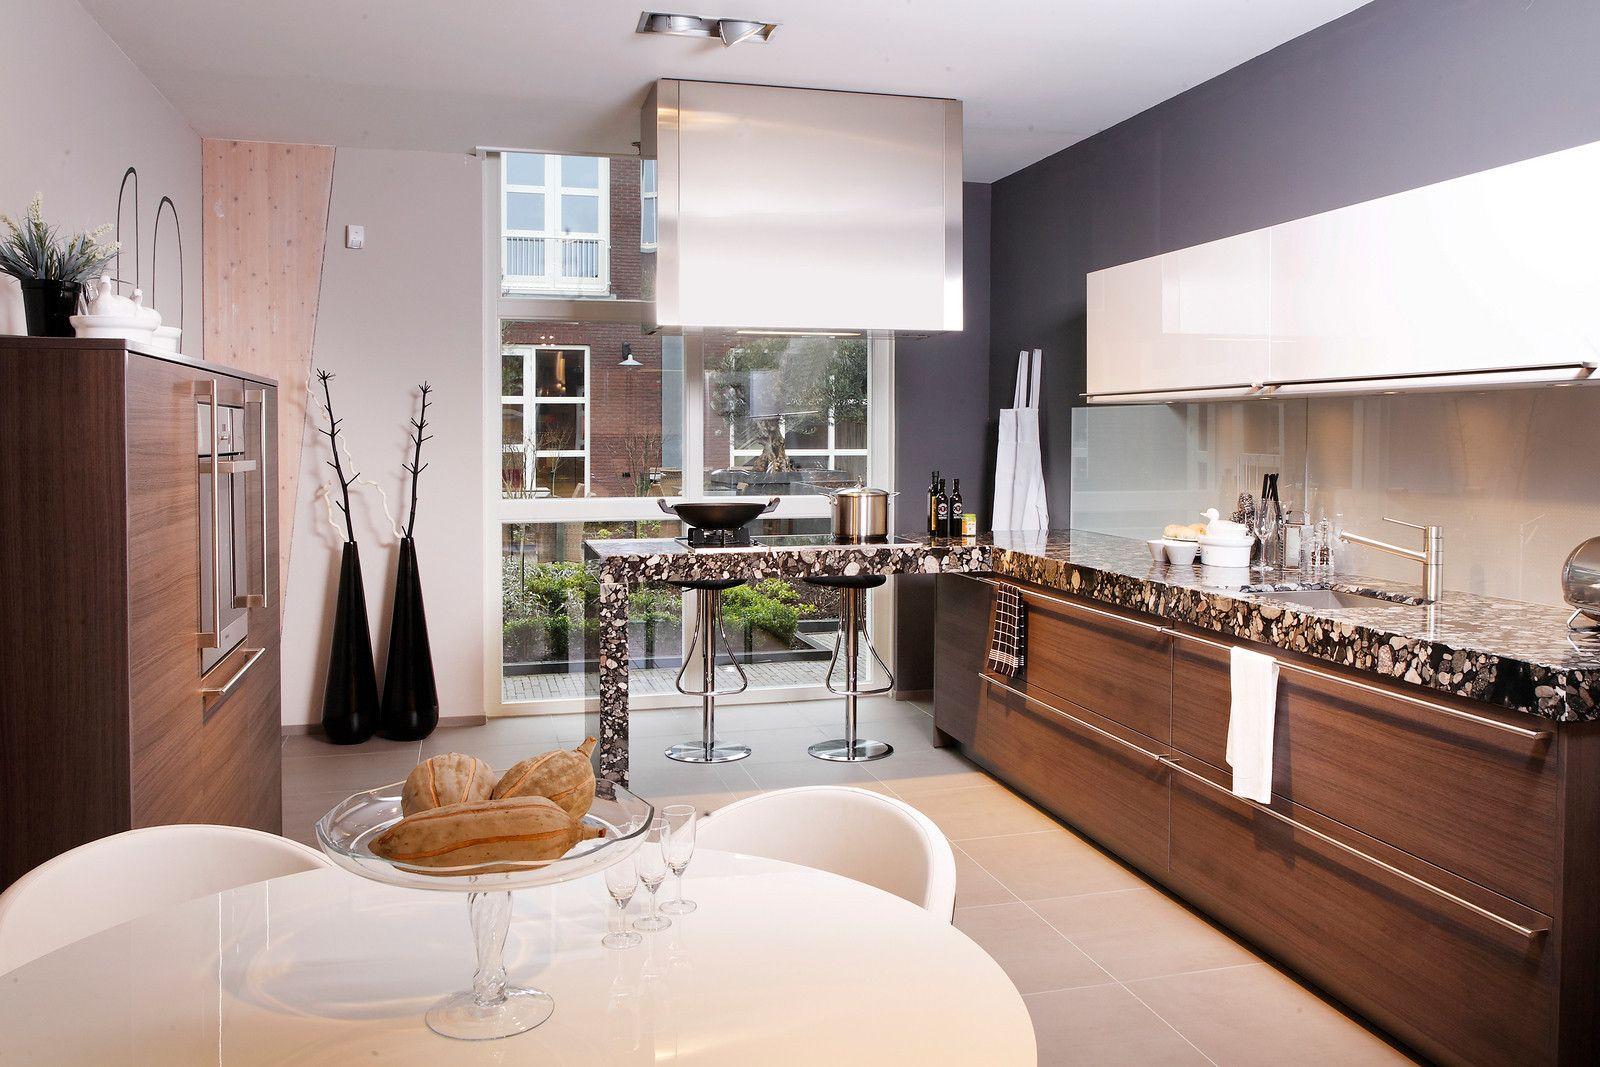 Eggersmann keuken by Tieleman Keukens - met bijzonder aanrechtblad ...